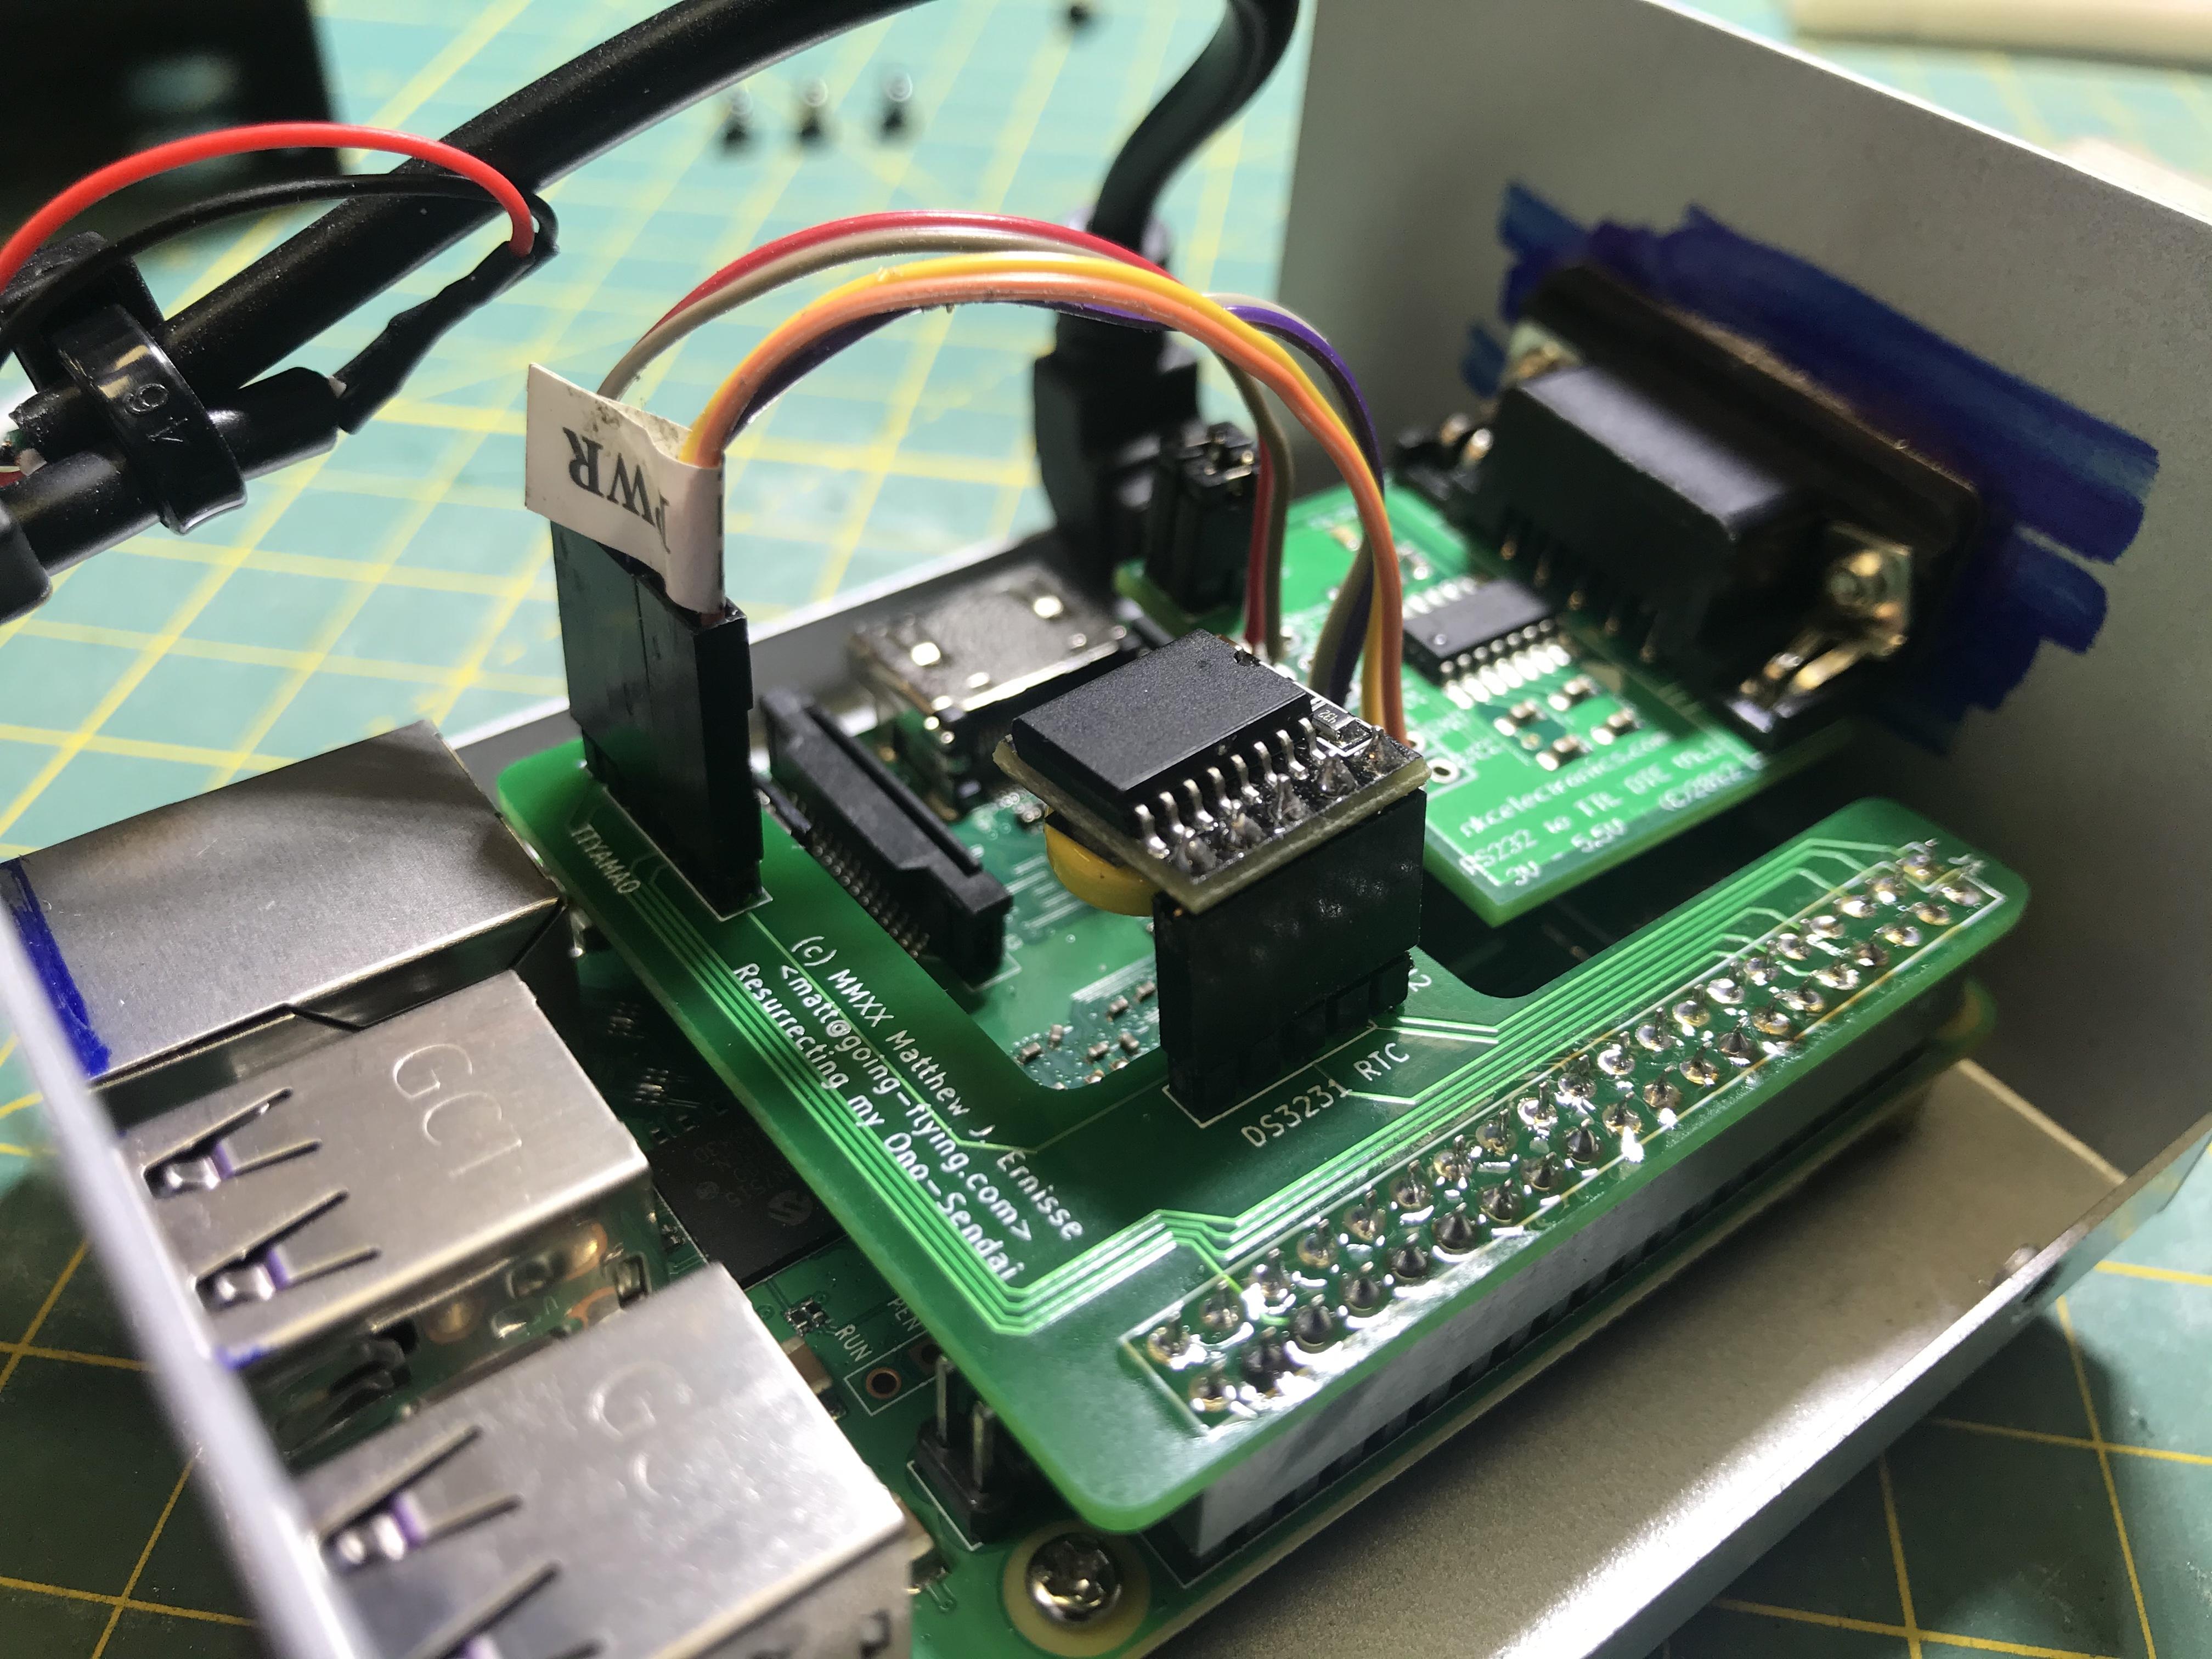 Assembled Raspberry Pi